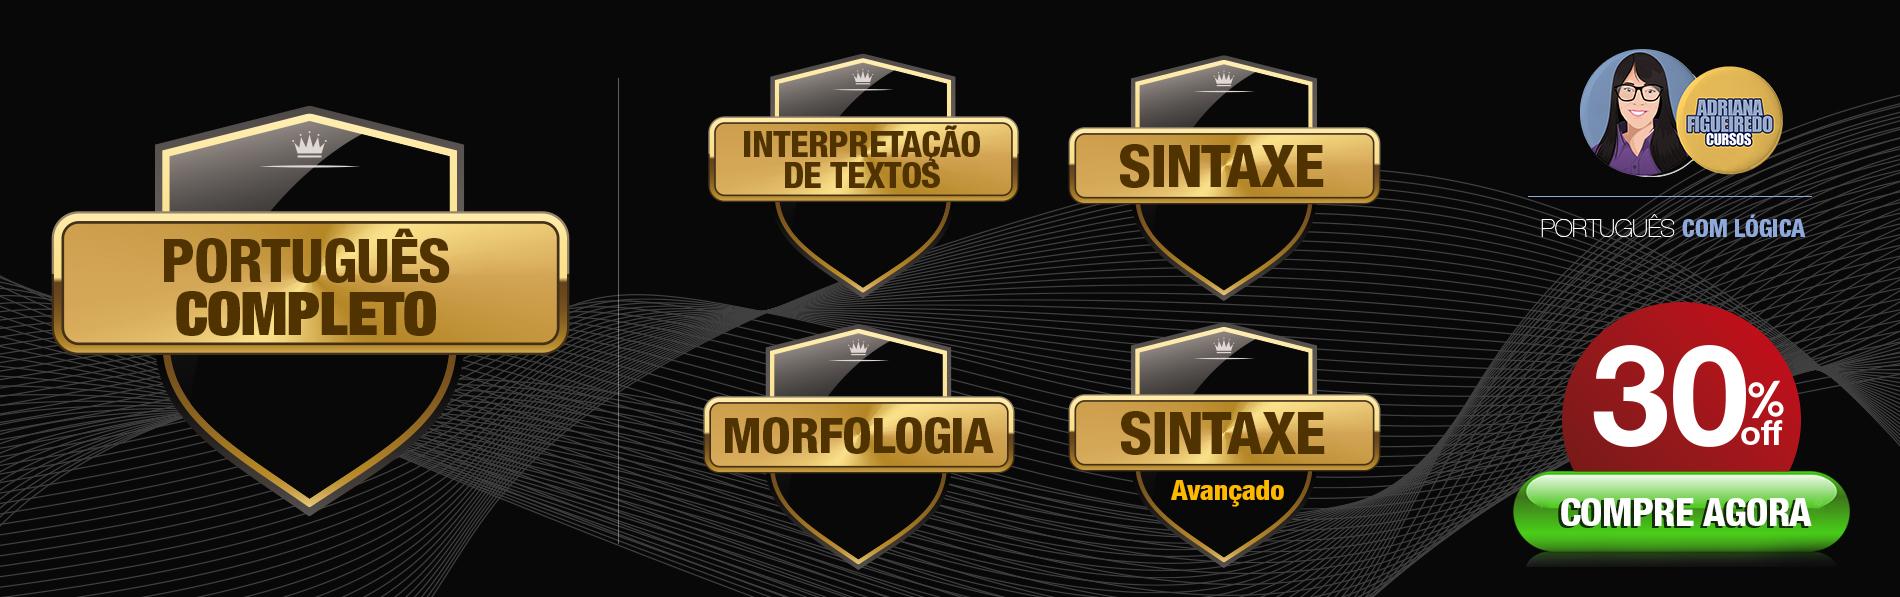 Portugues Completo - 4 módulos - 30% desconto